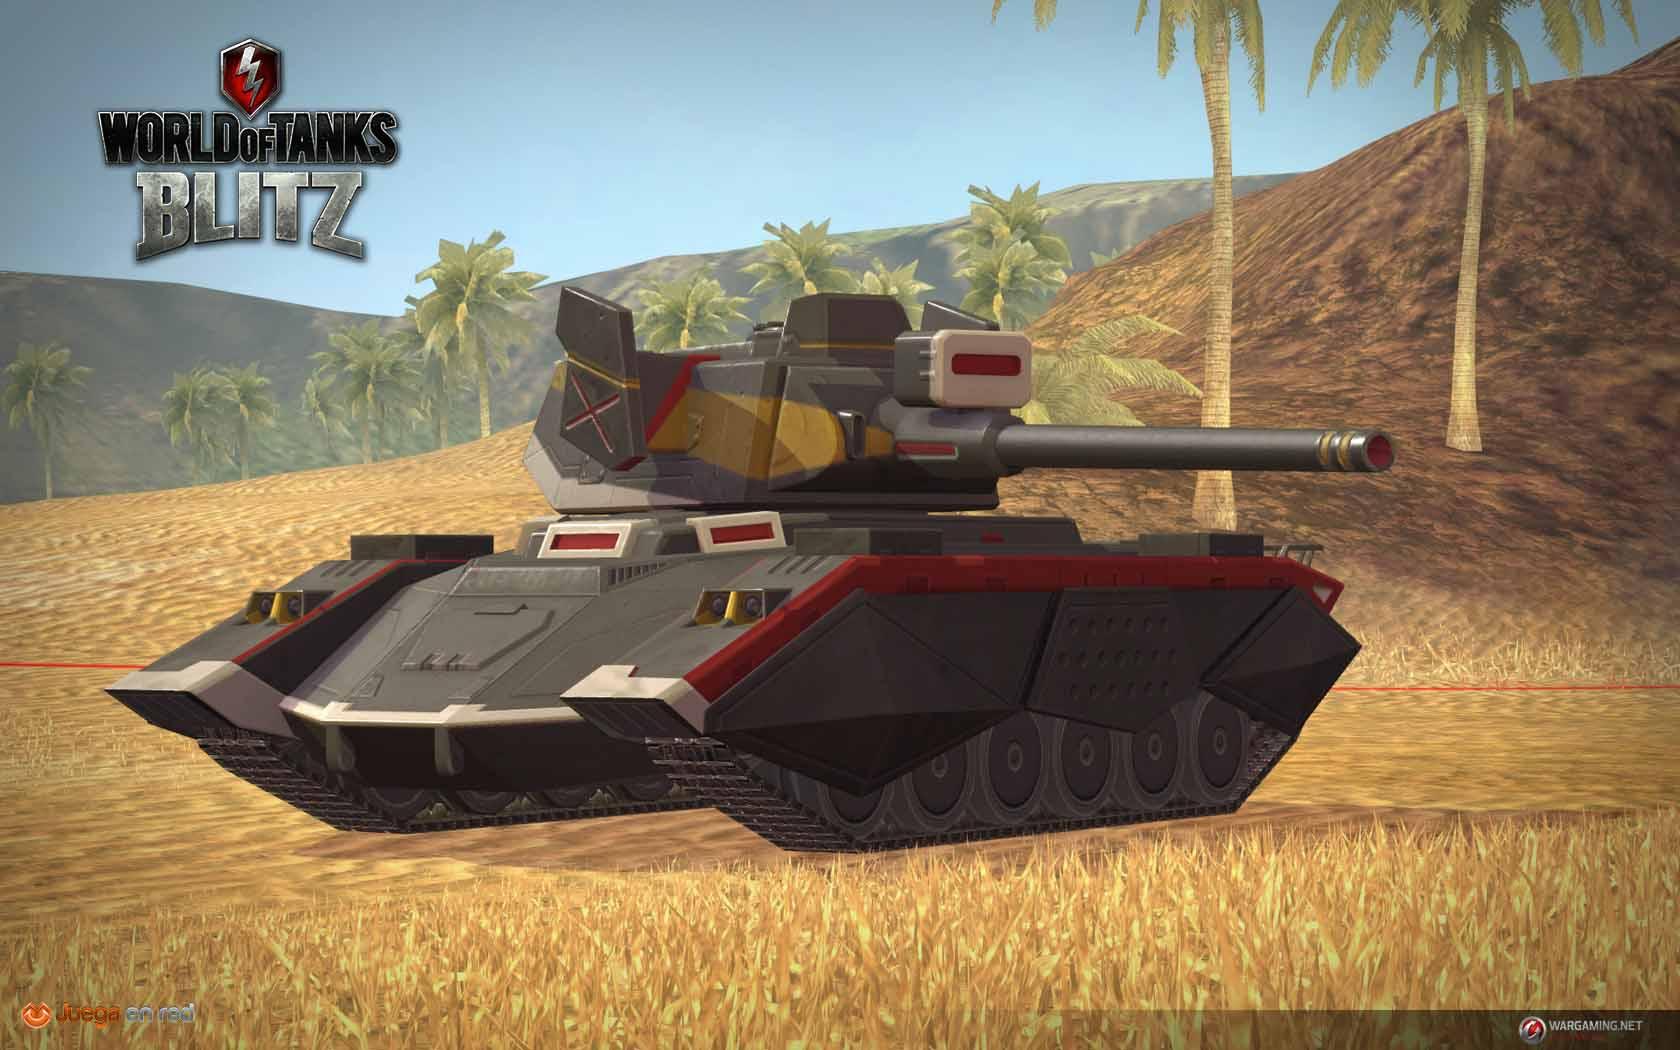 El Primer Tanque Mecha De World Of Tanks Blitz